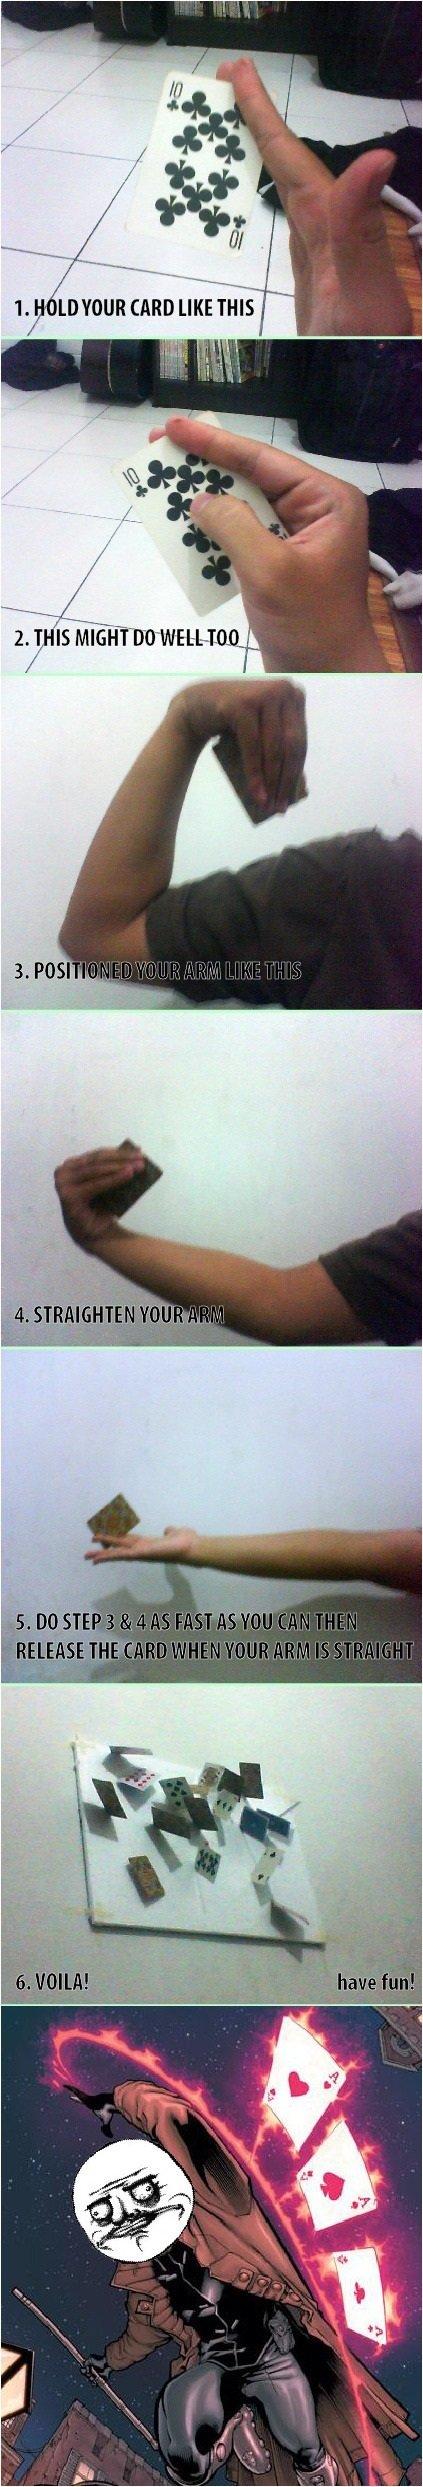 Card trick. . Ill q MR I is Hui:. Noob